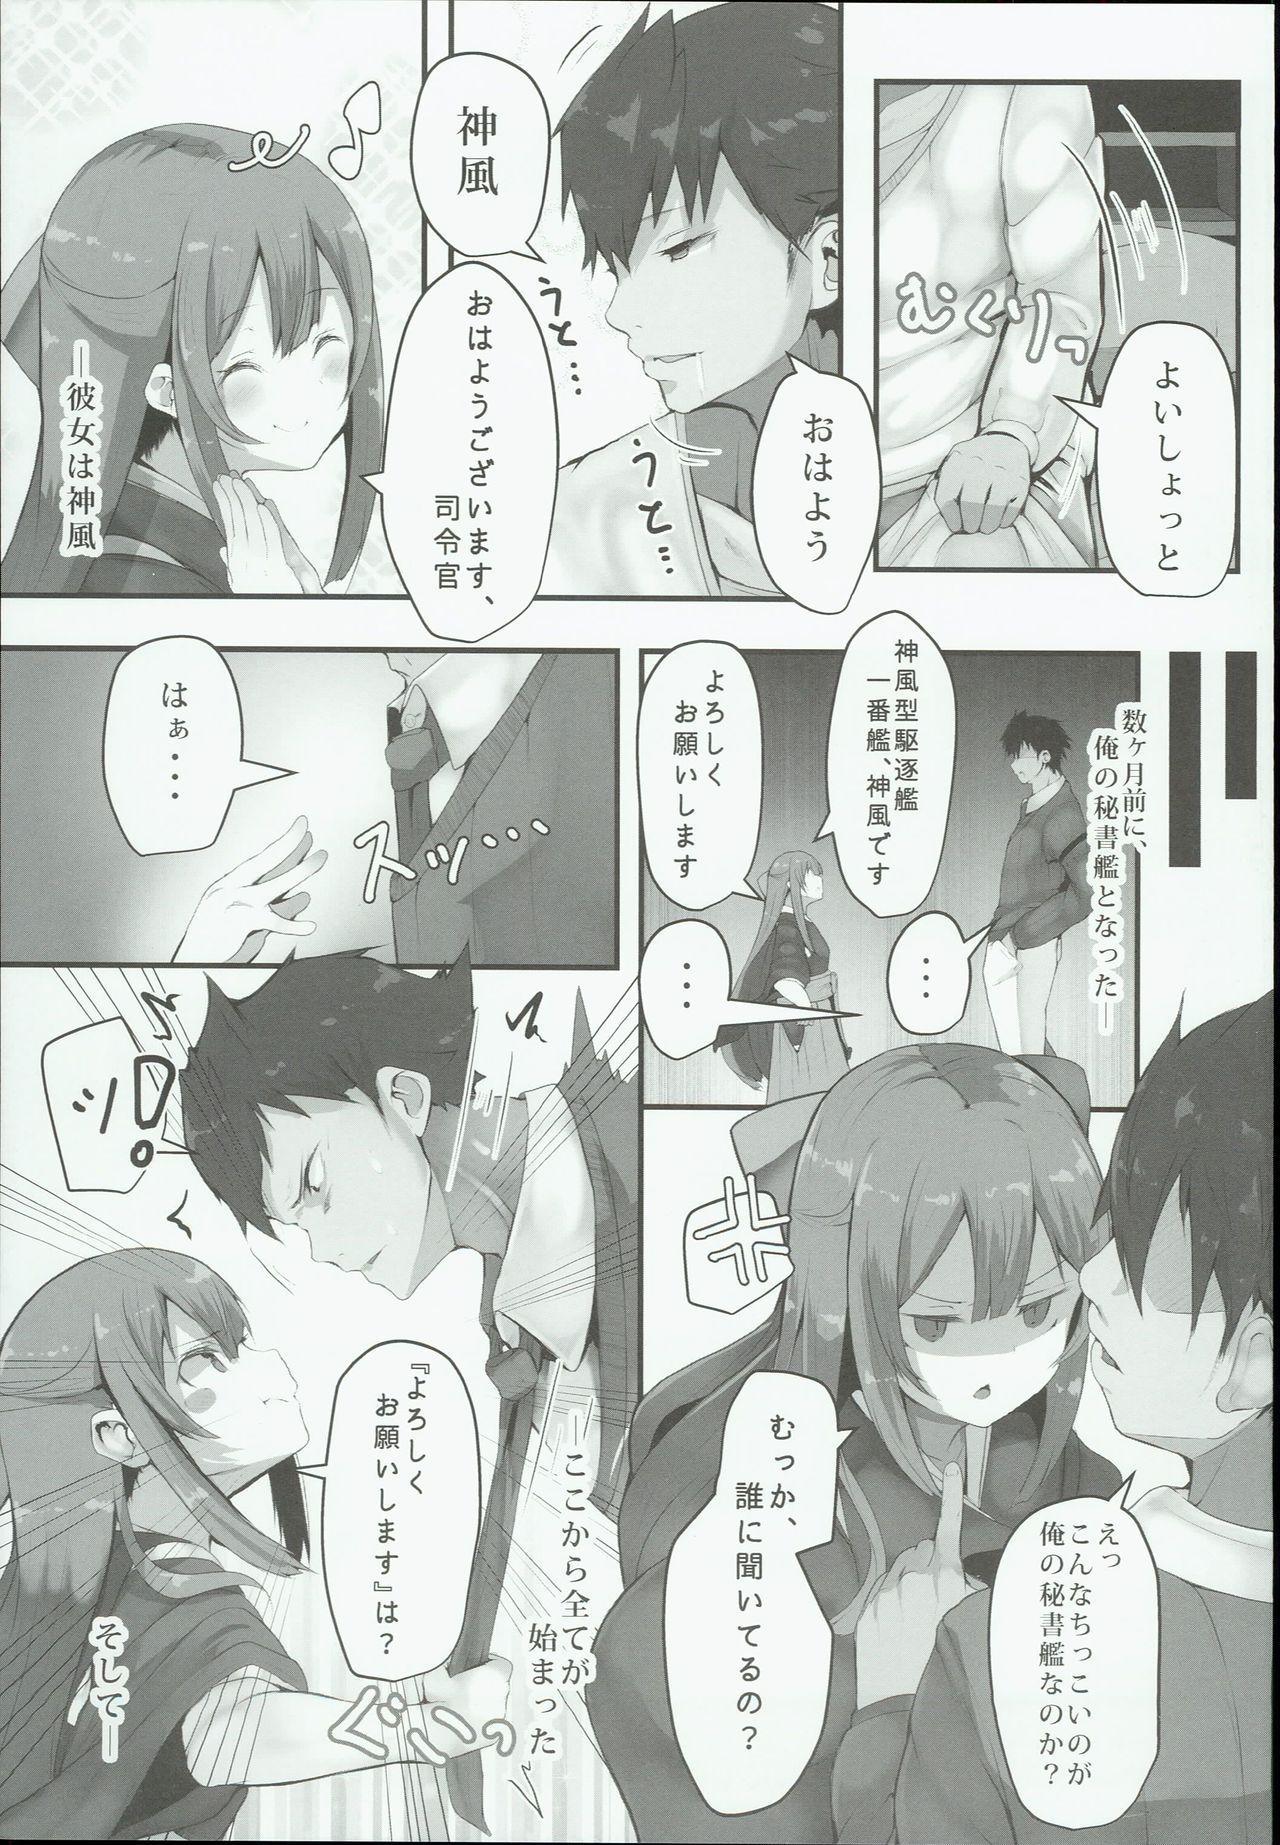 Kamikaze-chan wa Osewa Shitai 4